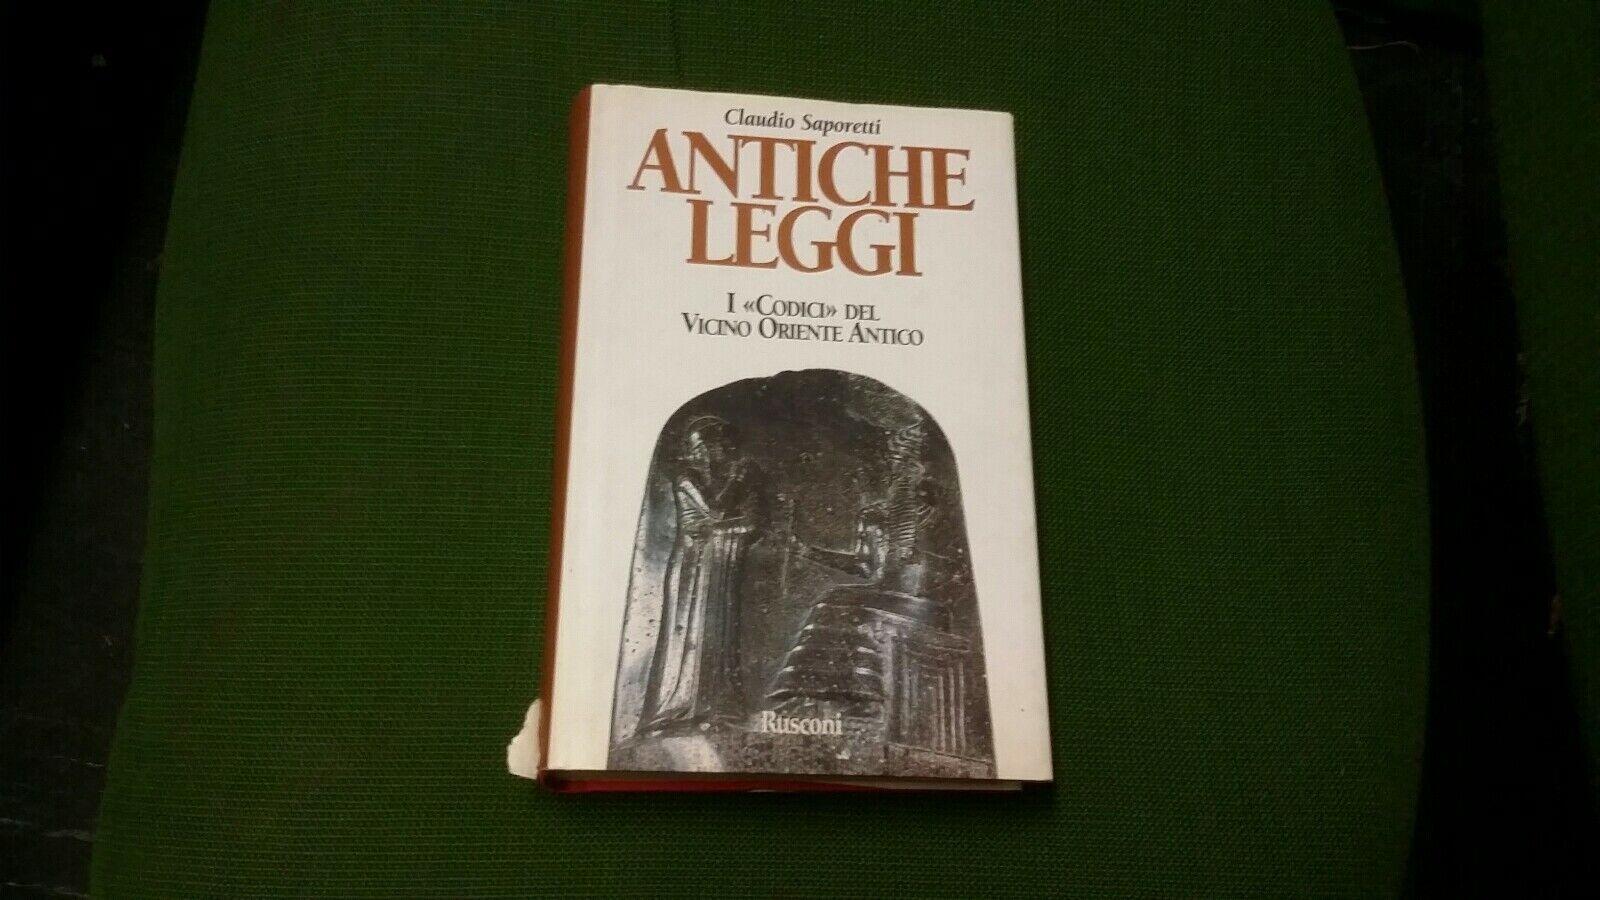 Immagine 1 - C. SAPORETTI, ANTICHE LEGGI, RUSCONI, 1998, 25a21